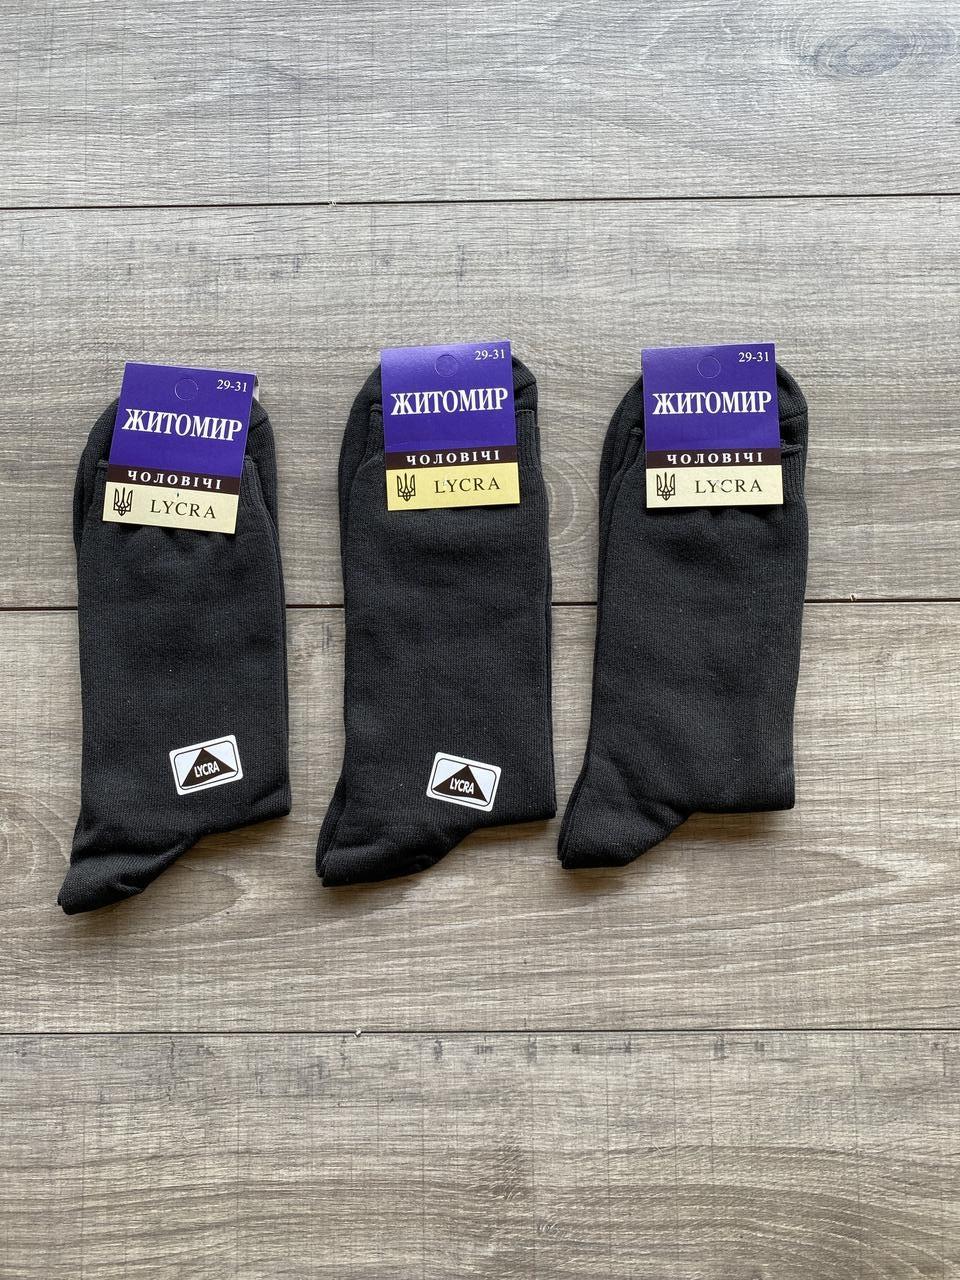 Чоловічі шкарпетки бавовна Житомир стрейчеві класичні 25-27,27-29,29-31 12 шт в уп чорні